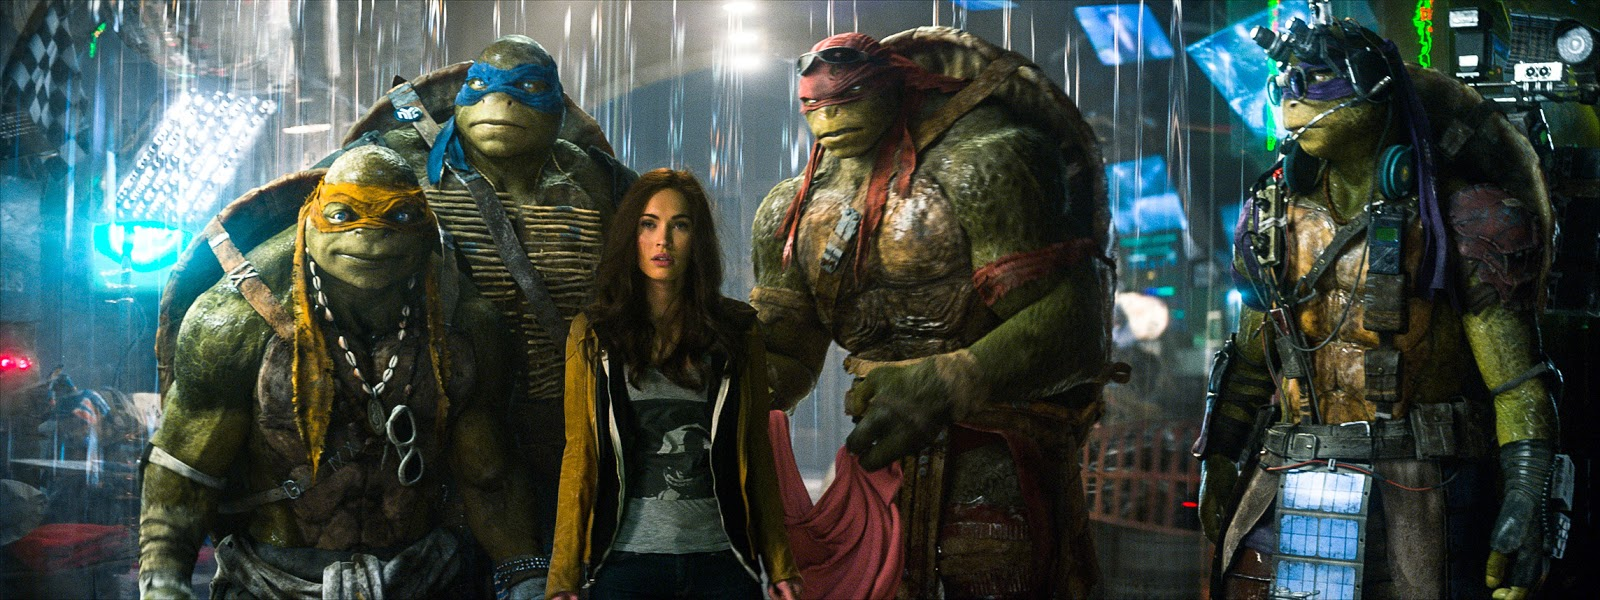 ninja turtles movie 2016 download in hindi hd